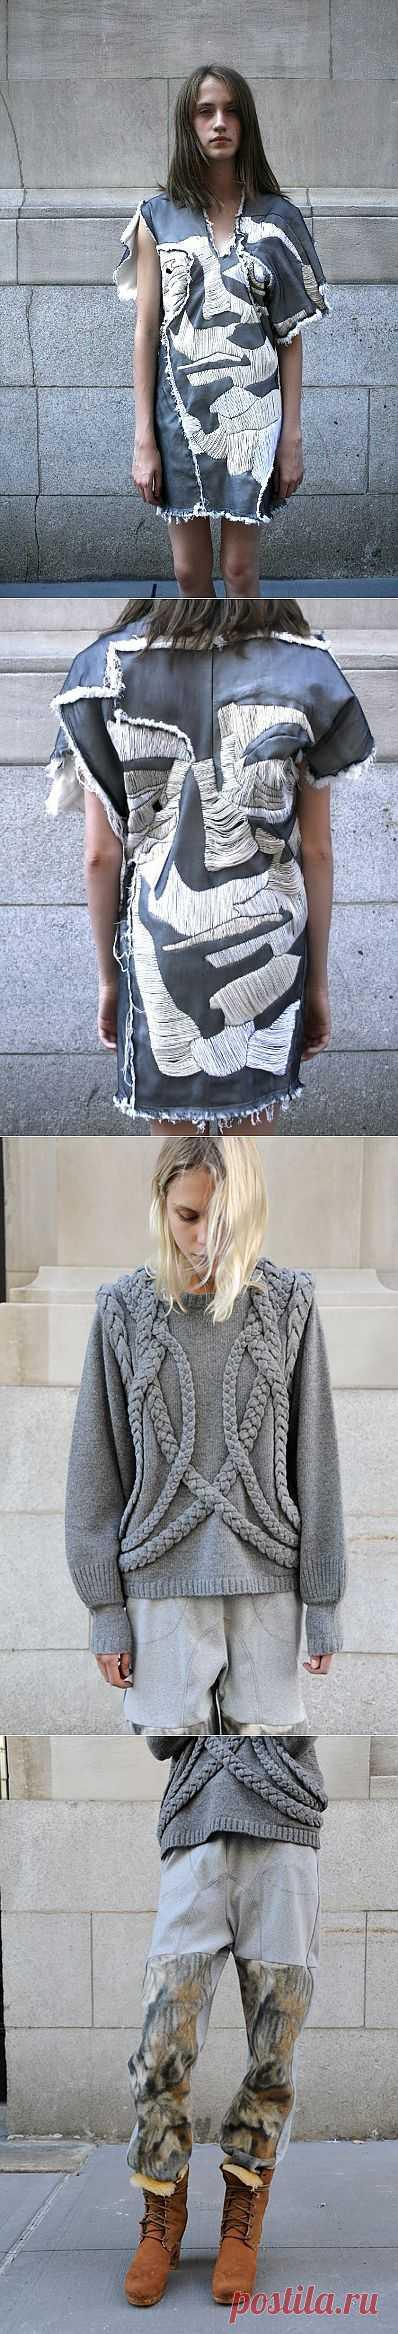 No.6 Daily / Детали / Модный сайт о стильной переделке одежды и интерьера